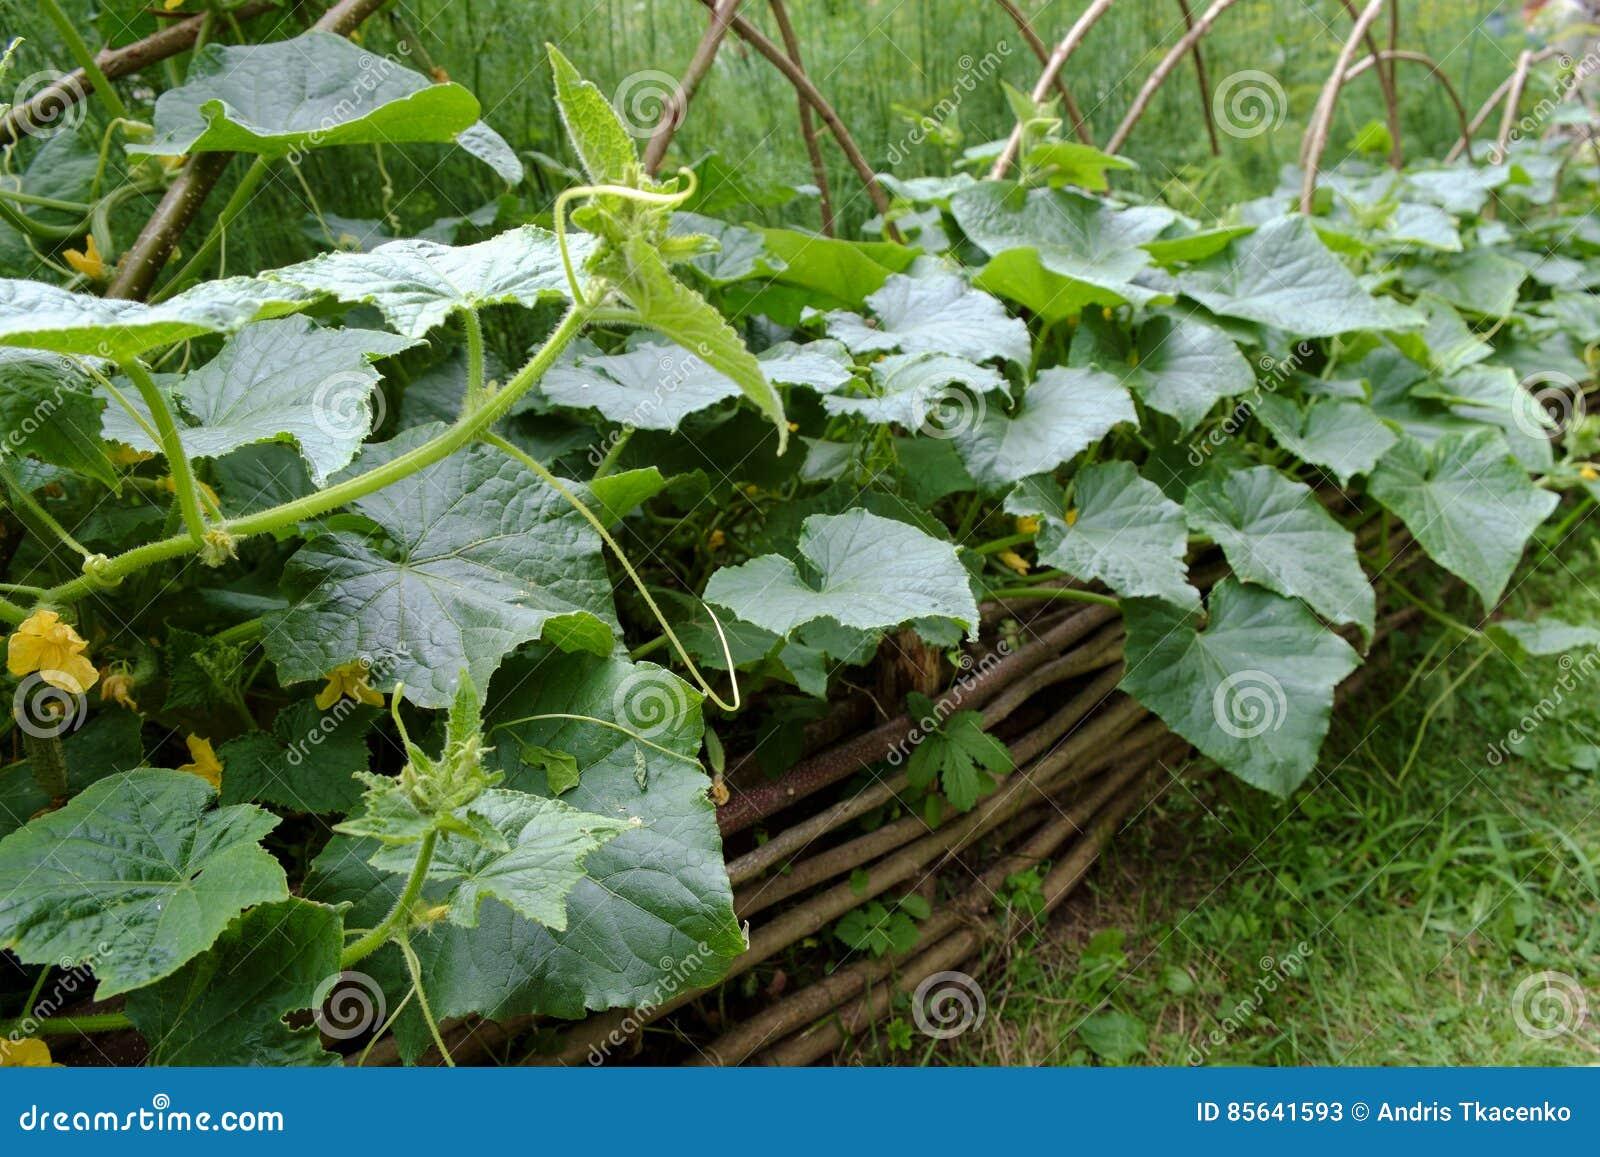 Medieval style cucumber garden